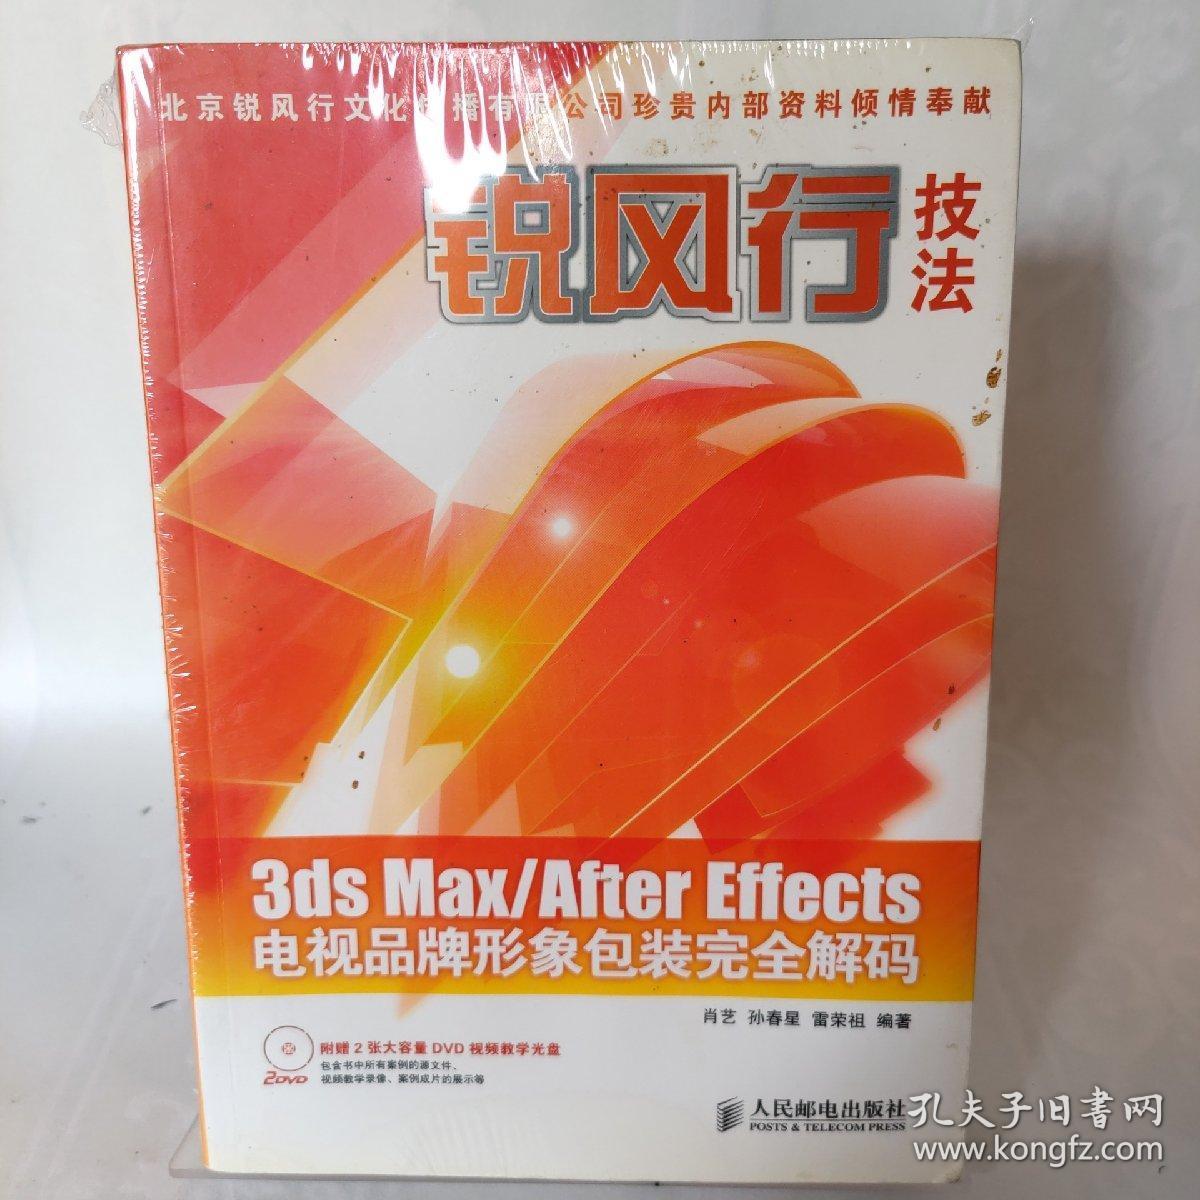 锐风行技法3ds Max/After Effects电视品牌形象包装完全解码